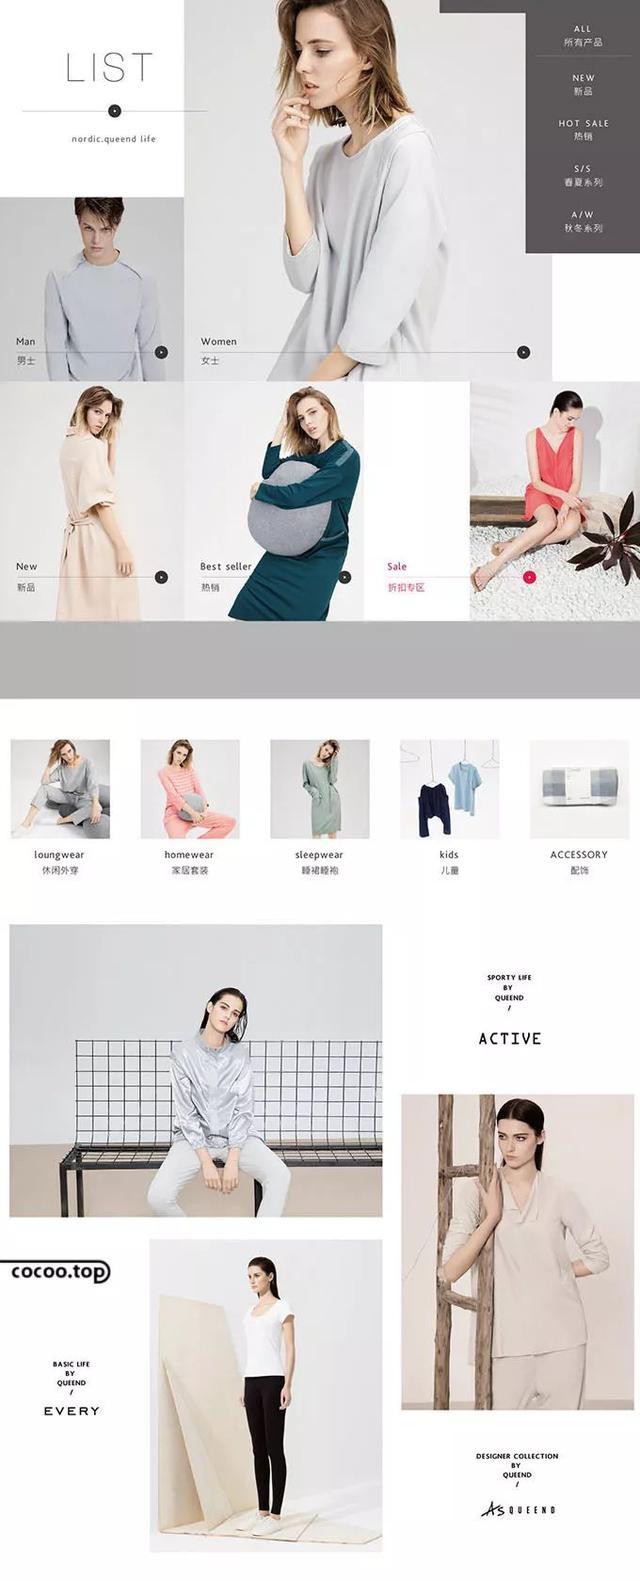 服装类电商详情页设计